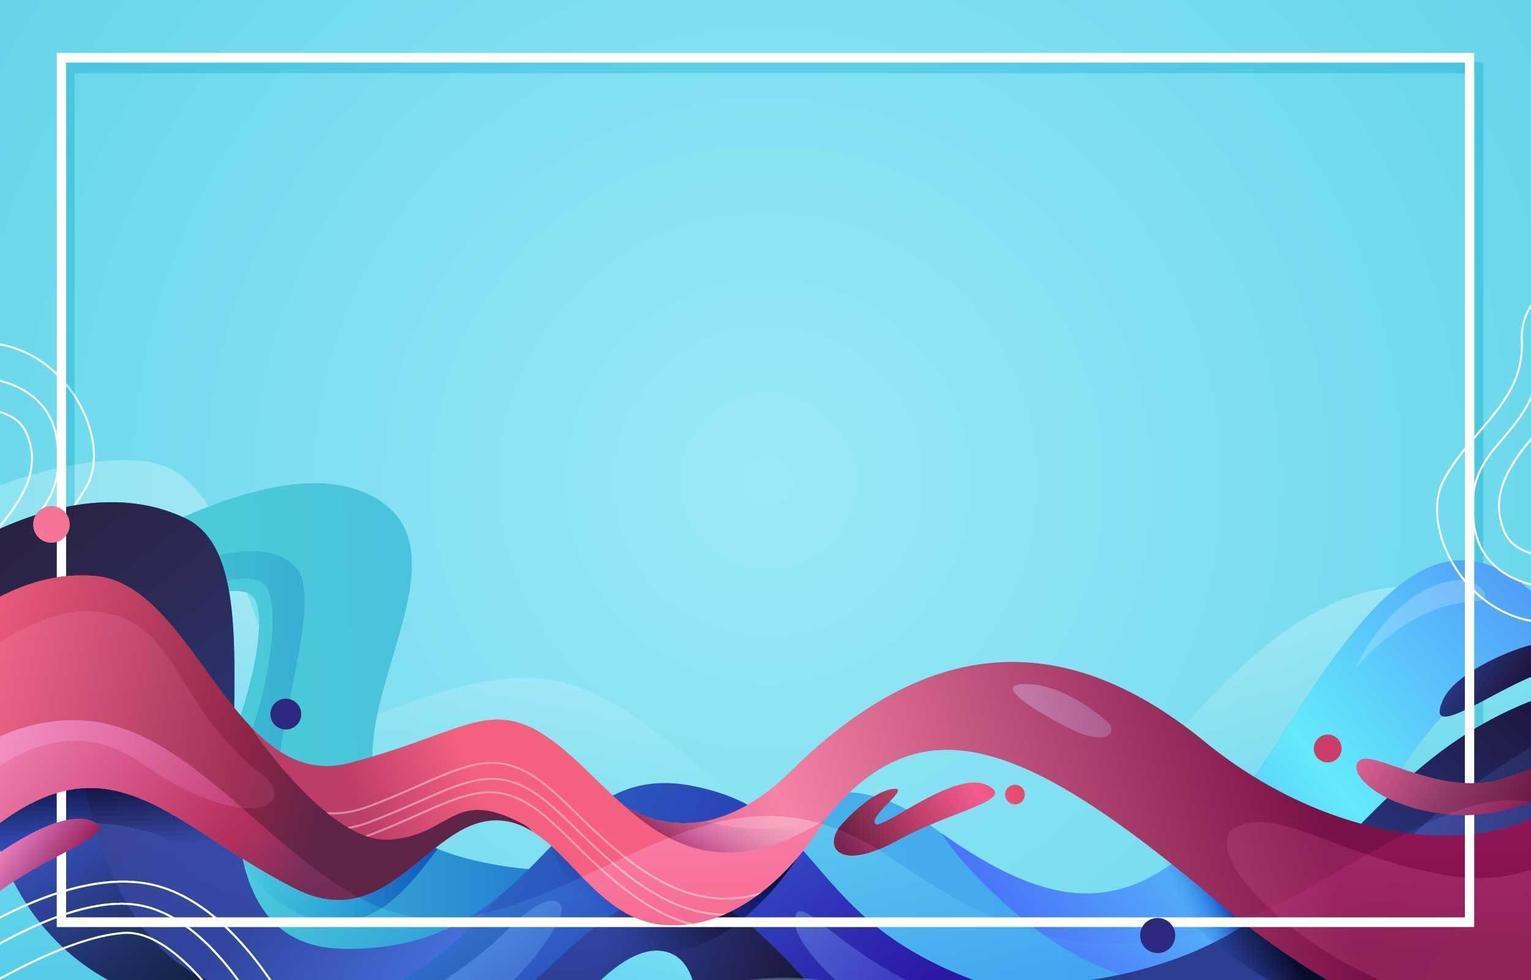 Fondo abstracto líquido con tono rosa y azul vector